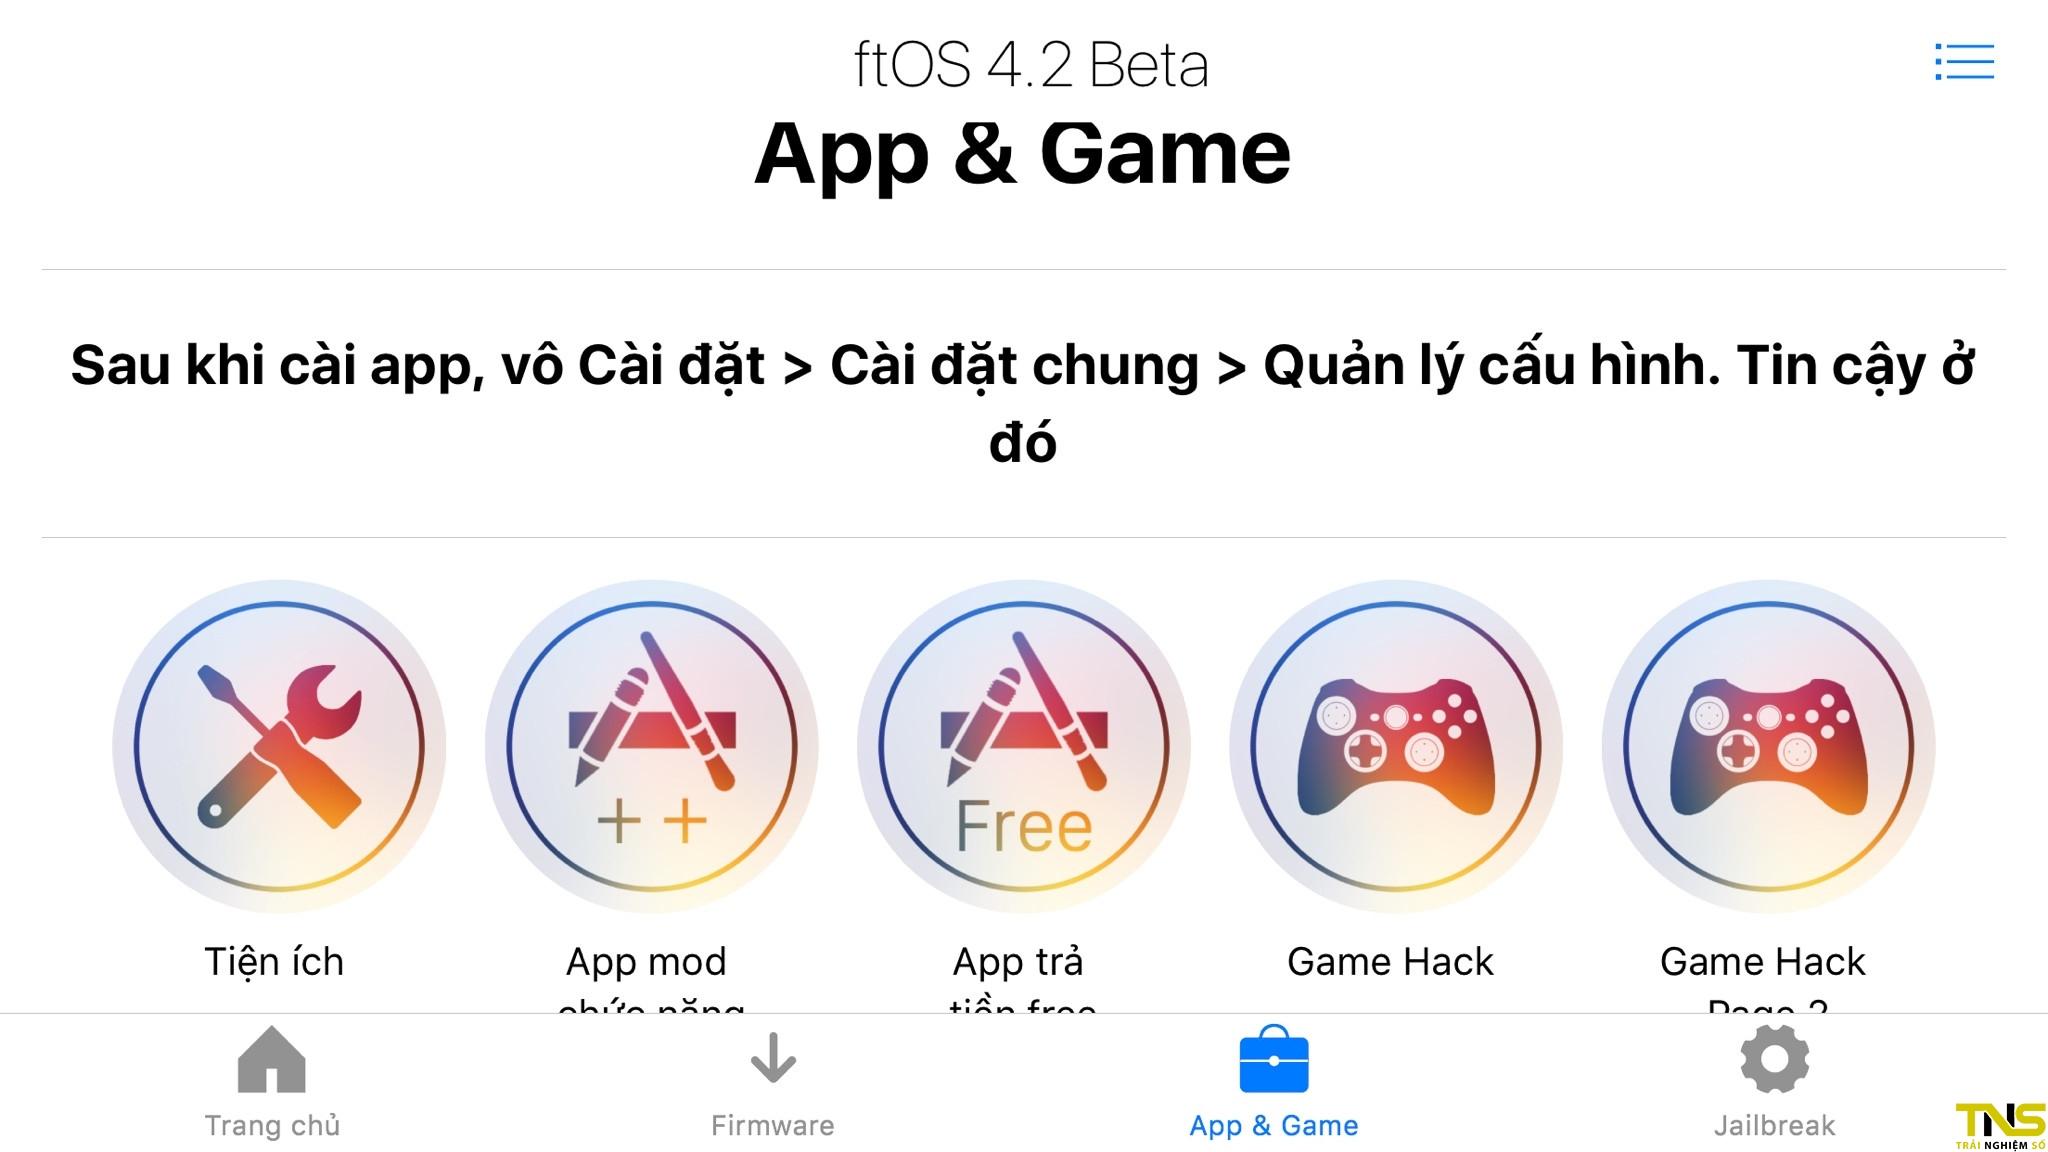 Hướng dẫn sử dụng ftOS để cài đặt game, ứng dụng bản quyền